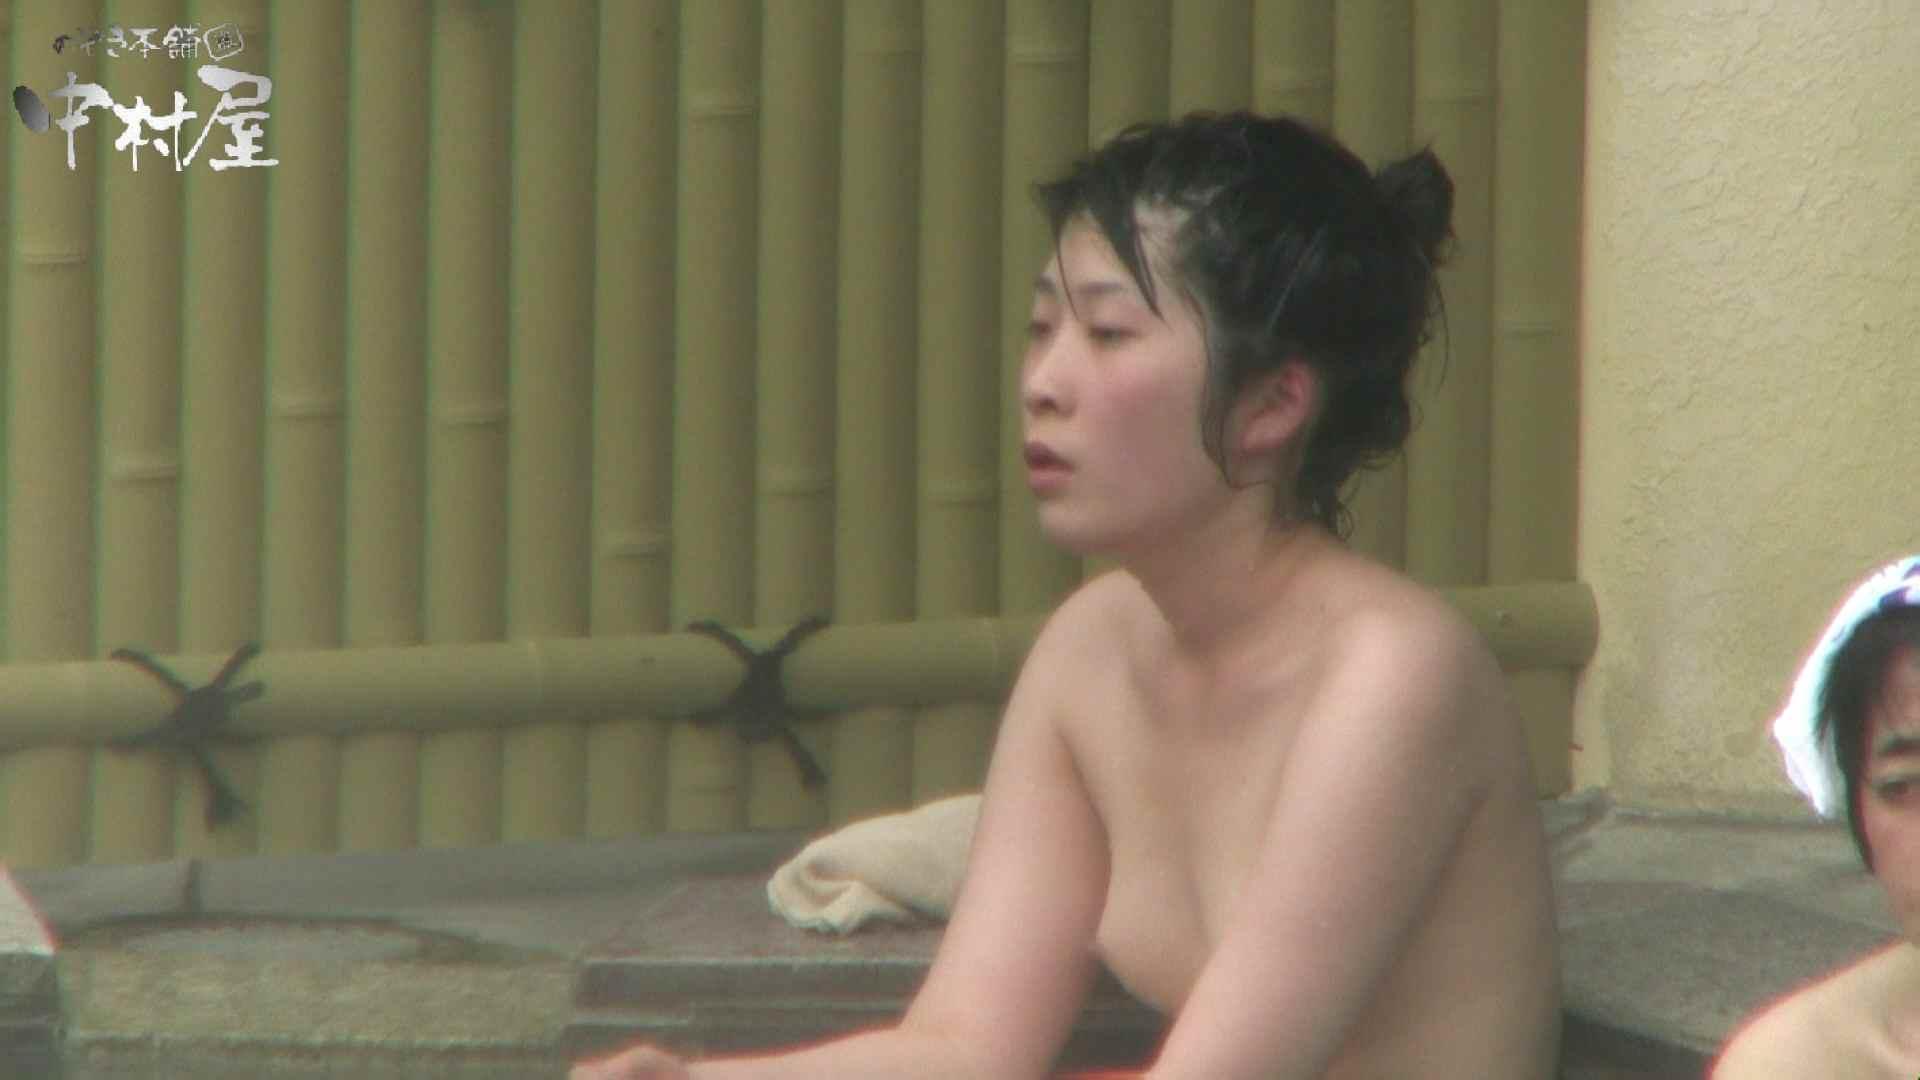 Aquaな露天風呂Vol.955 女体盗撮  74連発 54